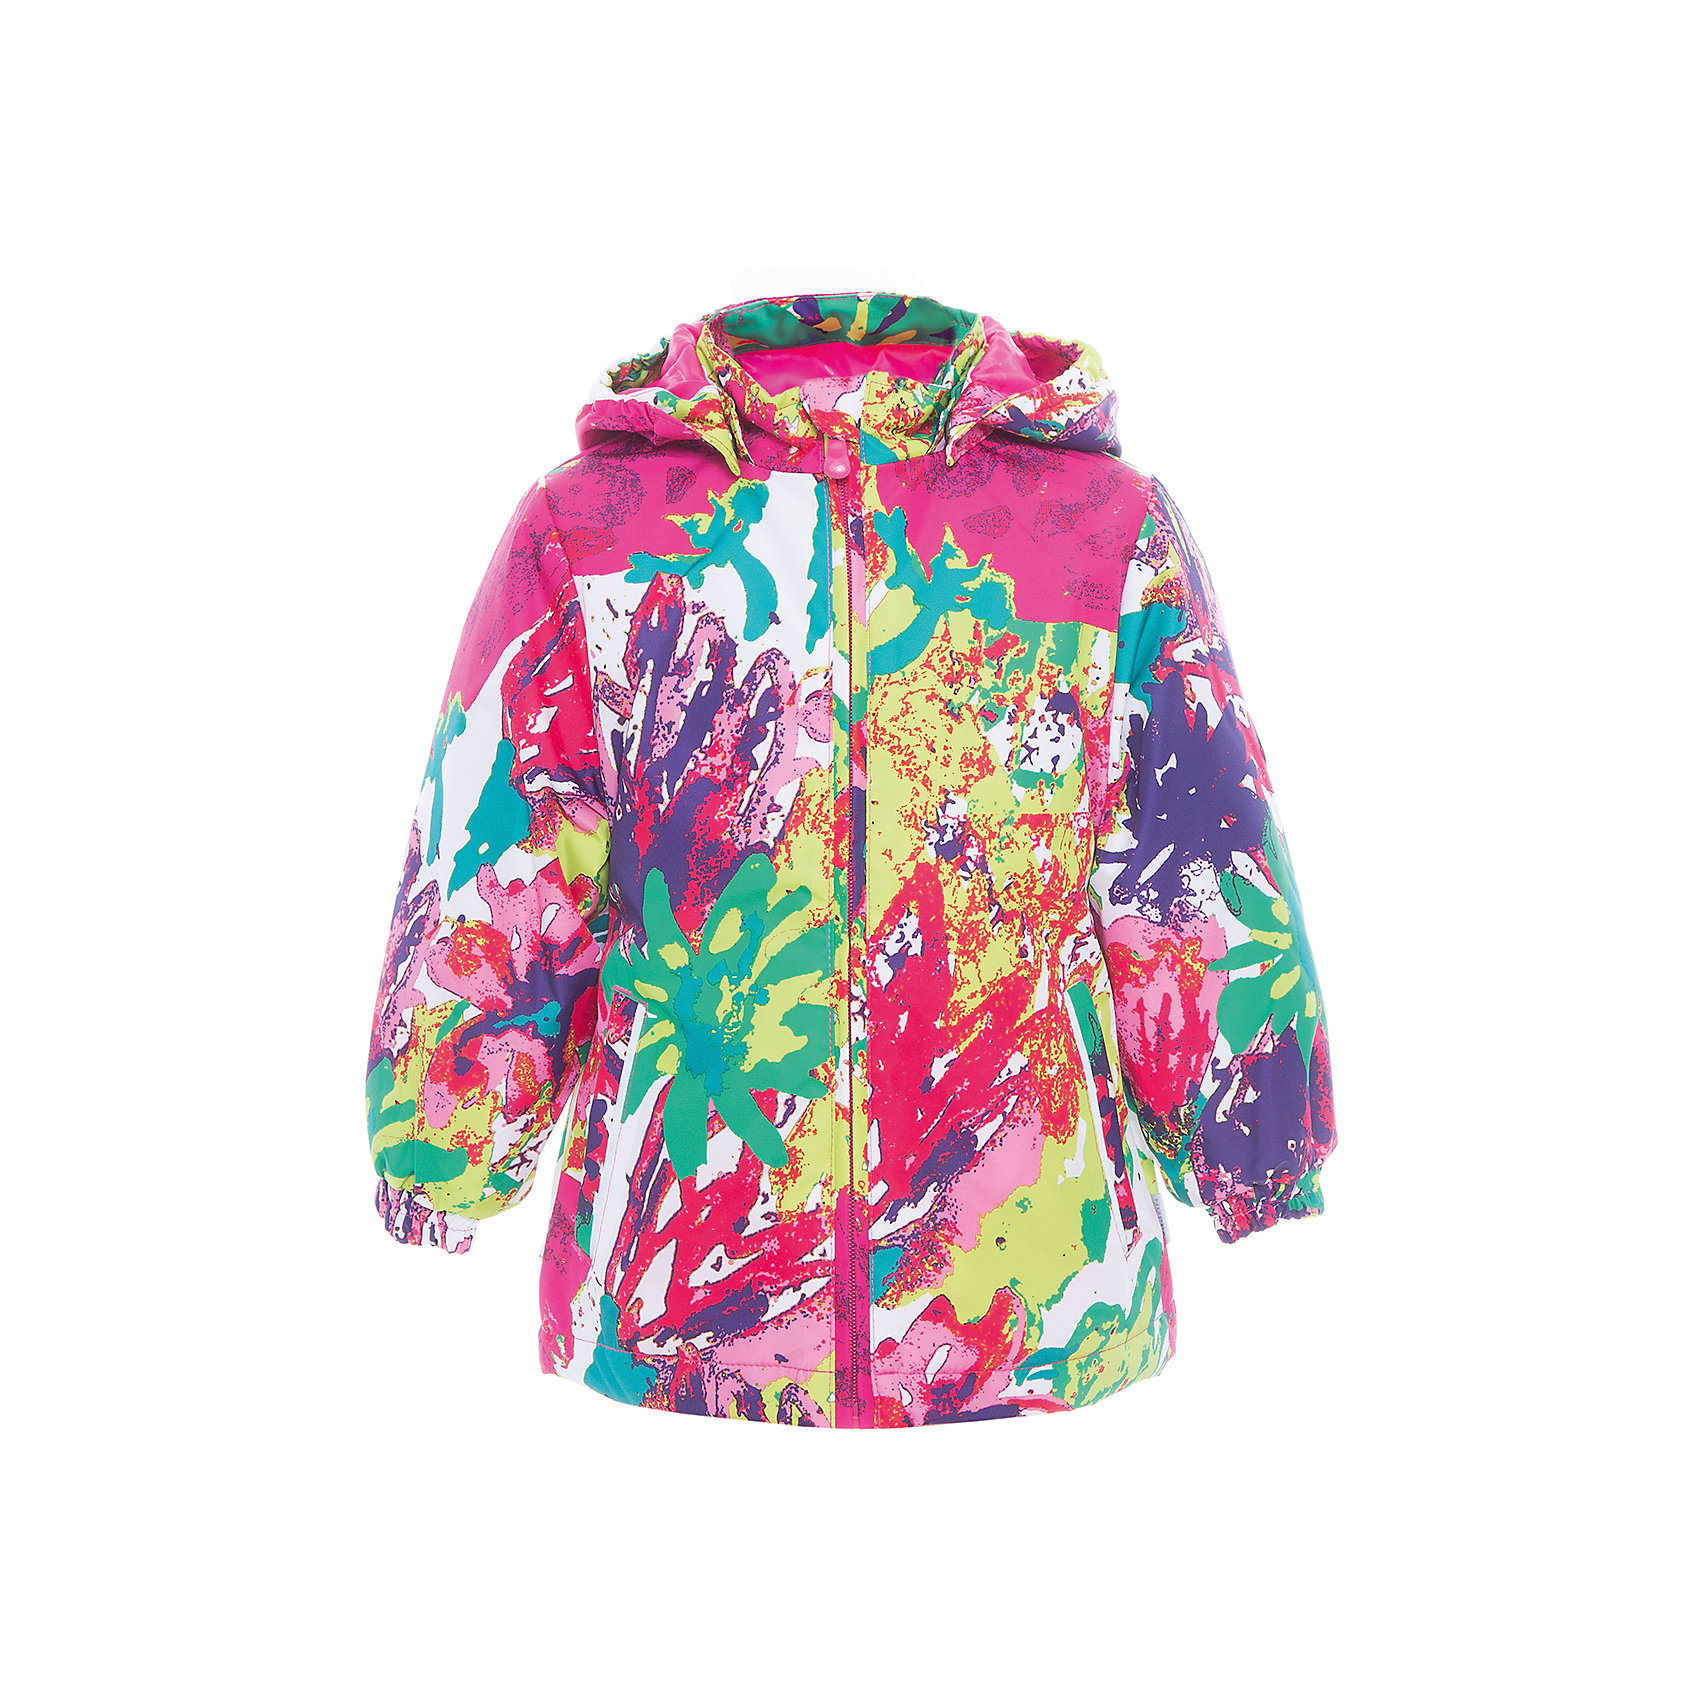 Куртка для девочки JOLY HuppaВерхняя одежда<br>Характеристики товара:<br><br>• цвет: мультиколор<br>• ткань: 100% полиэстер<br>• подкладка: тафта - 100% полиэстер<br>• утеплитель: 100% полиэстер 100 г<br>• температурный режим: от -5°С до +10°С<br>• водонепроницаемость: 10000 мм<br>• воздухопроницаемость: 10000 мм<br>• светоотражающие детали<br>• эластичные манжеты<br>• молния<br>• съёмный капюшон с резинкой<br>• карманы<br>• комфортная посадка<br>• коллекция: весна-лето 2017<br>• страна бренда: Эстония<br><br>Такая легкая и стильная куртка обеспечит детям тепло и комфорт. Она сделана из материала, отталкивающего воду, и дополнено подкладкой с утеплителем, поэтому изделие идеально подходит для межсезонья. Материал изделия - с мембранной технологией: защищая от влаги и ветра, он легко выводит лишнюю влагу наружу. Для удобства сделан капюшон. Куртка очень симпатично смотрится, яркая расцветка и крой добавляют ему оригинальности. Модель была разработана специально для детей.<br><br>Одежда и обувь от популярного эстонского бренда Huppa - отличный вариант одеть ребенка можно и комфортно. Вещи, выпускаемые компанией, качественные, продуманные и очень удобные. Для производства изделий используются только безопасные для детей материалы. Продукция от Huppa порадует и детей, и их родителей!<br><br>Куртку для девочки JOLY от бренда Huppa (Хуппа) можно купить в нашем интернет-магазине.<br><br>Ширина мм: 356<br>Глубина мм: 10<br>Высота мм: 245<br>Вес г: 519<br>Цвет: белый<br>Возраст от месяцев: 96<br>Возраст до месяцев: 108<br>Пол: Женский<br>Возраст: Детский<br>Размер: 128,92,98,104,110,134,116,122<br>SKU: 5346838